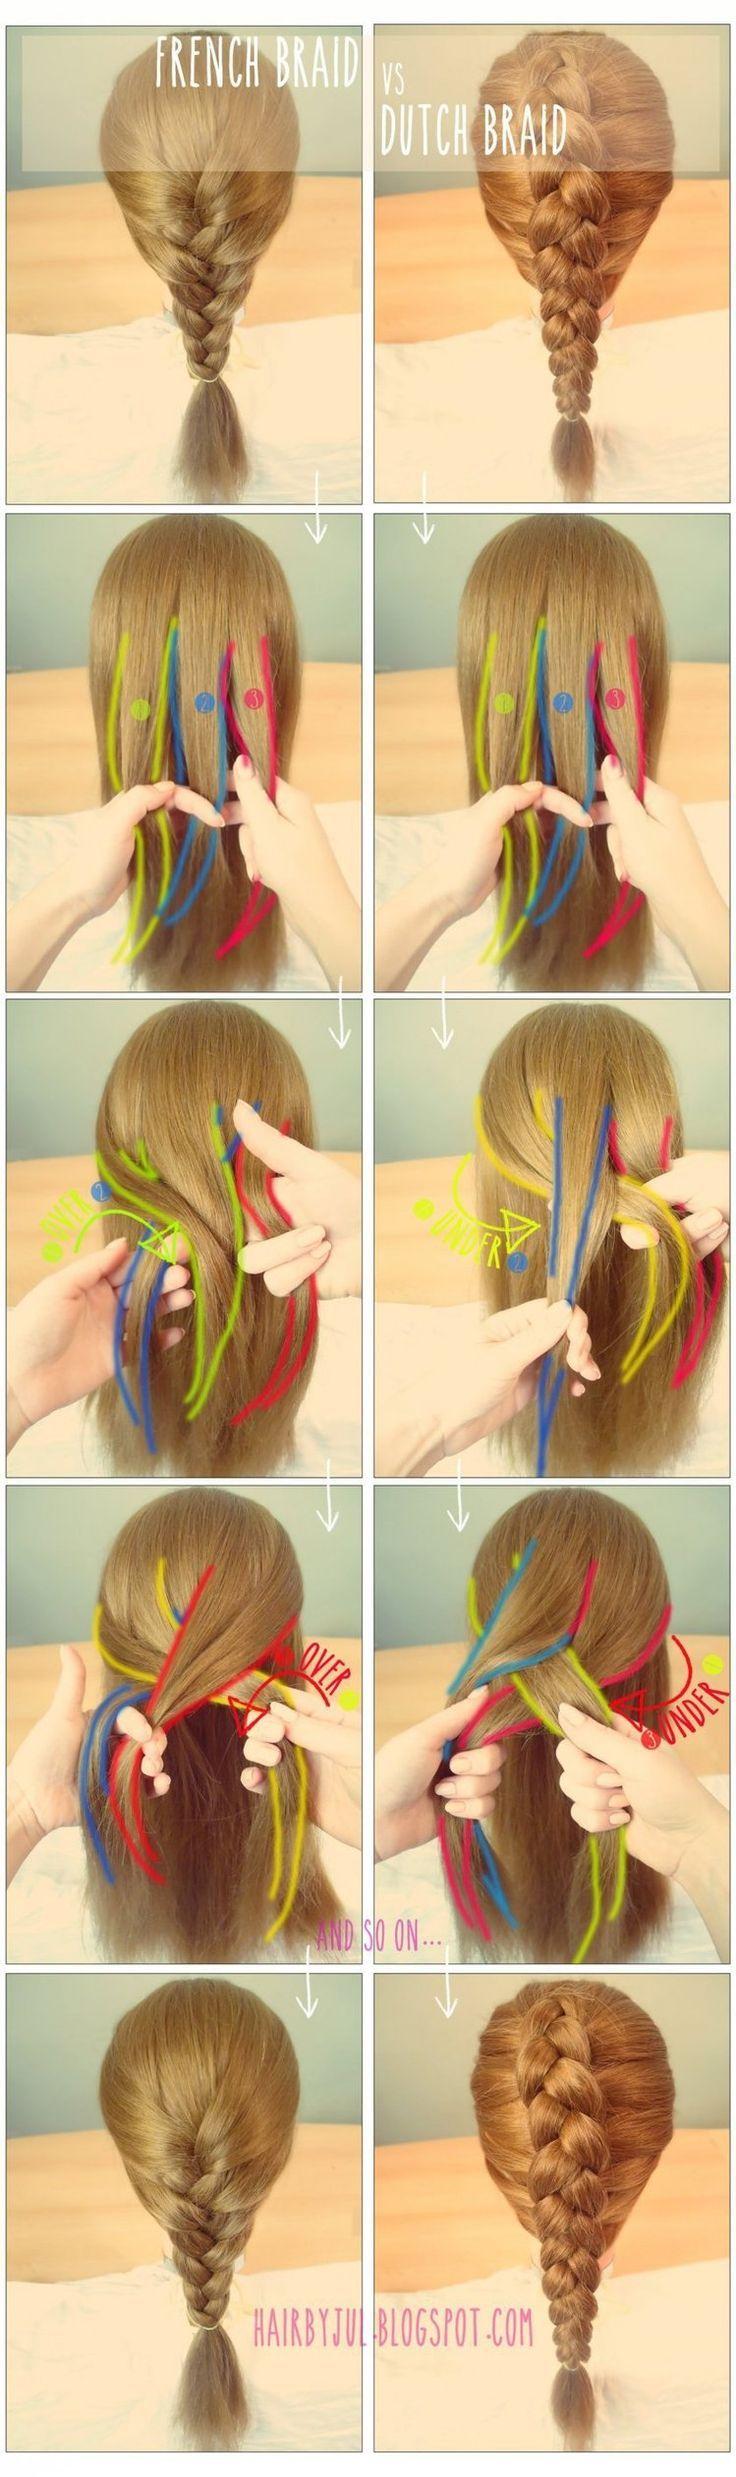 awesome Francuski warkocz krok po kroku by http://www.dana-haircuts.xyz/hair-tutorials/francuski-warkocz-krok-po-kroku/